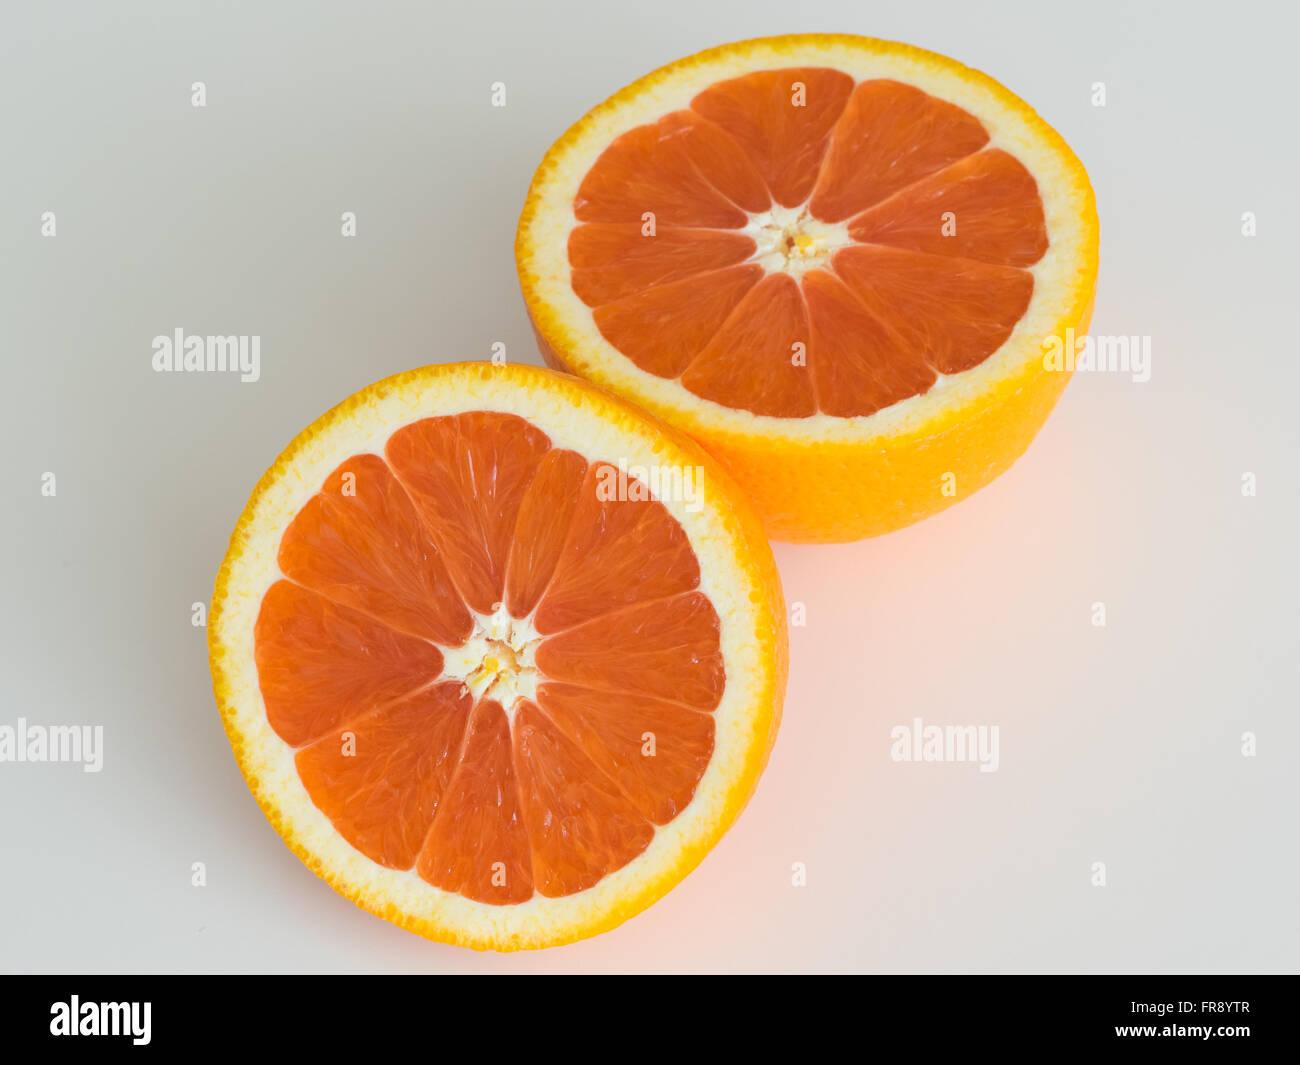 Una naranja navel cara cara, también conocido como un rojo-naranja navel completarlos o alimentación naranja. Imagen De Stock